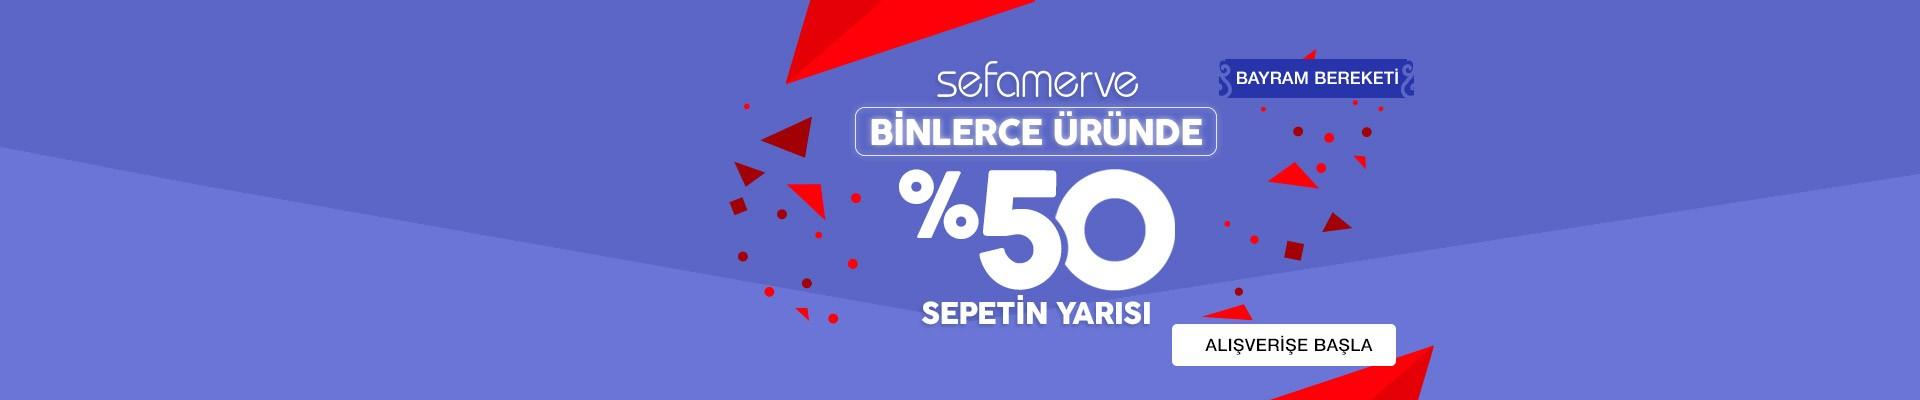 SEFAMERVE BİNLERCE ÜRÜNDE %50 SEPETİN YARISI